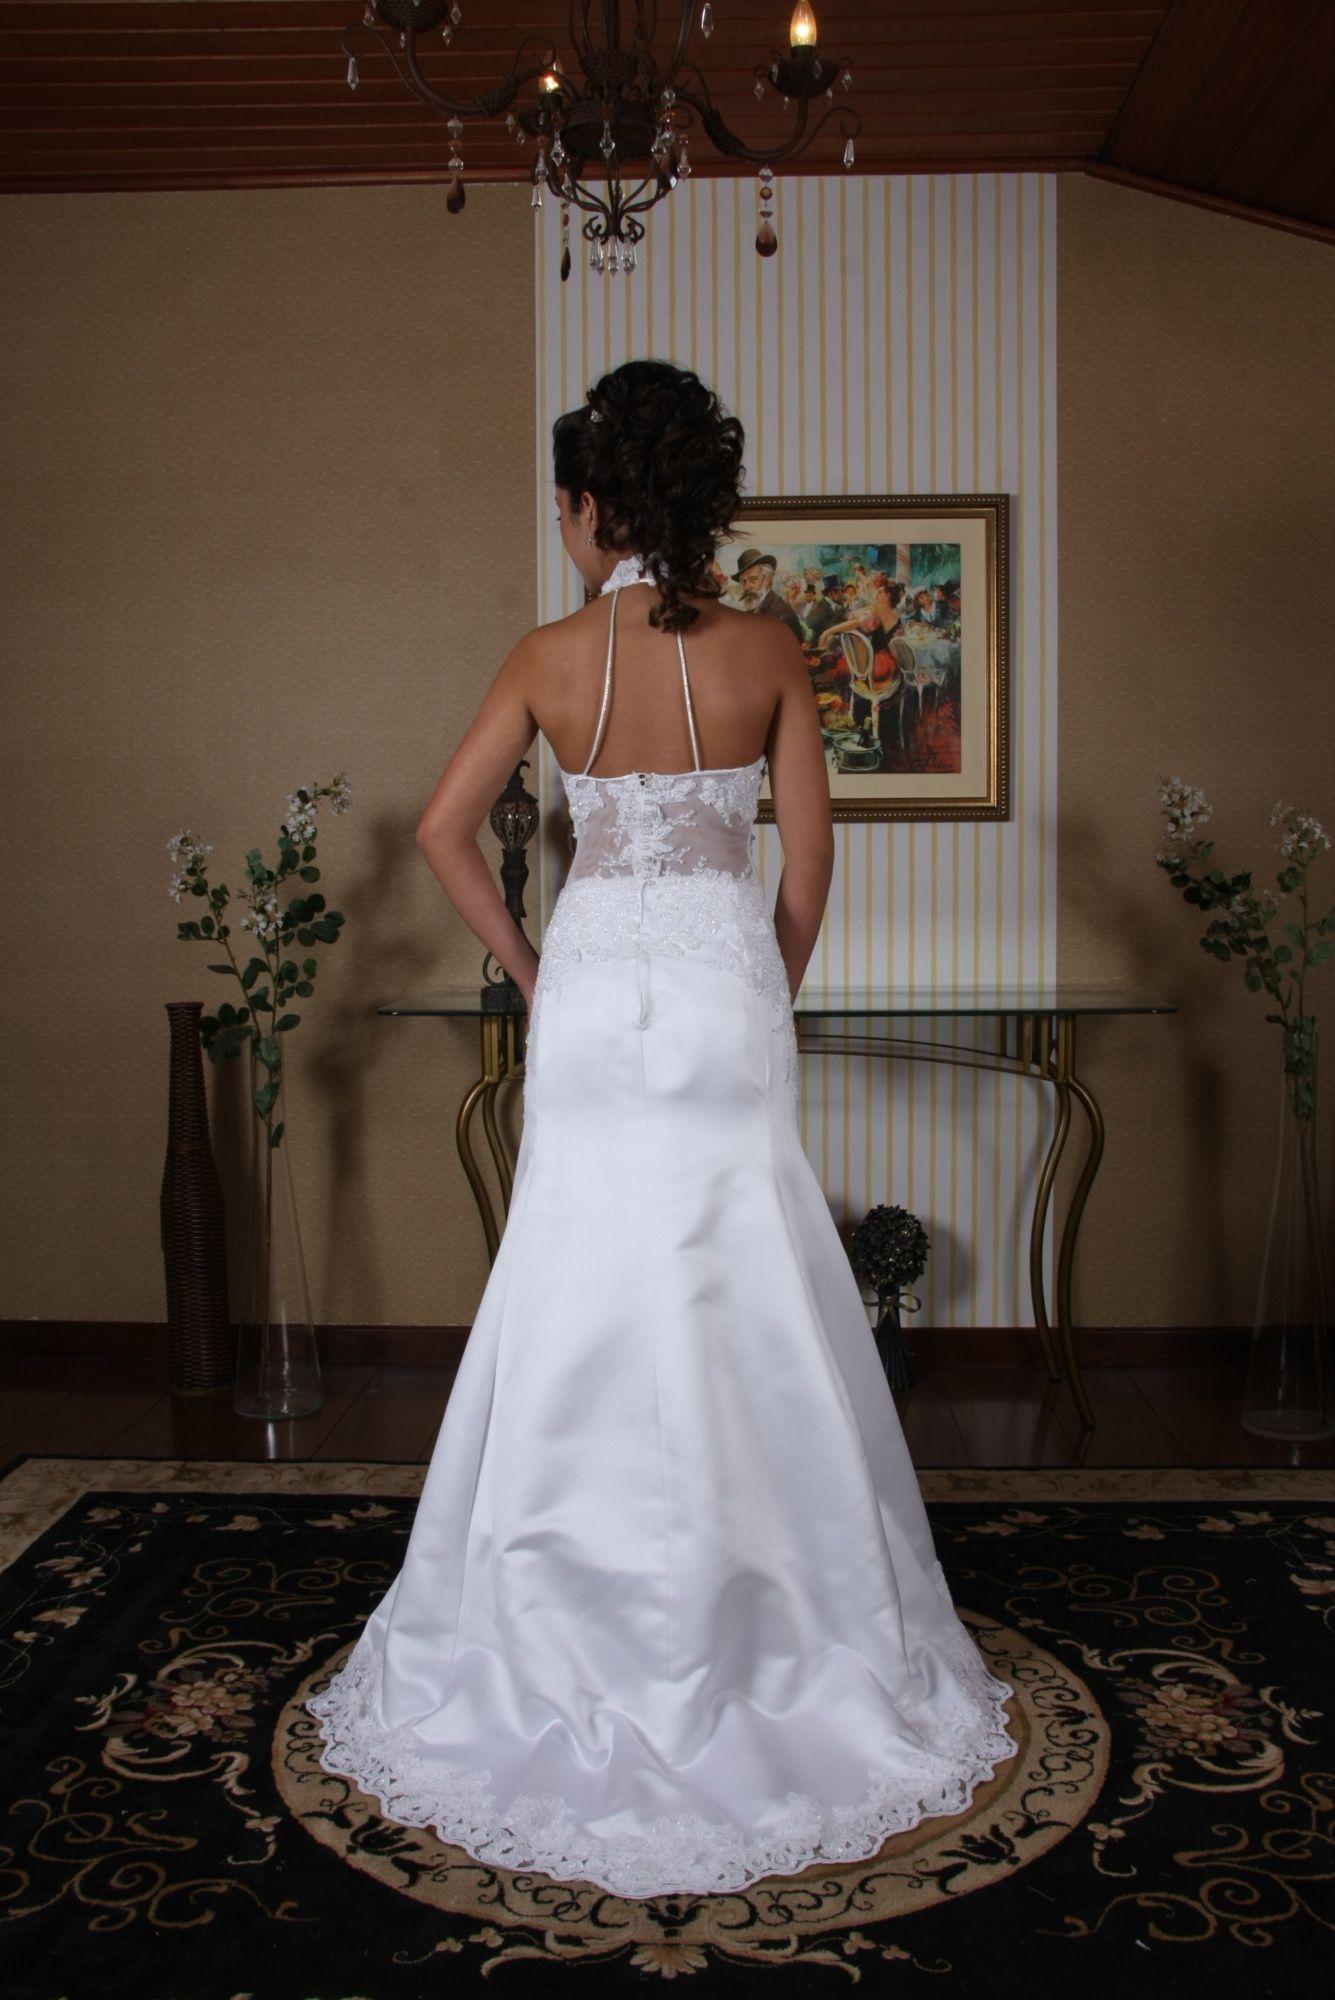 Vestido de Noiva Semi Sereia - 12 - Hipnose Alta Costura e Spa para Noivas e Noivos - Campinas - SP Vestido de Noiva, Vestido de Noiva Semi Sereia, Hipnose Alta Costura